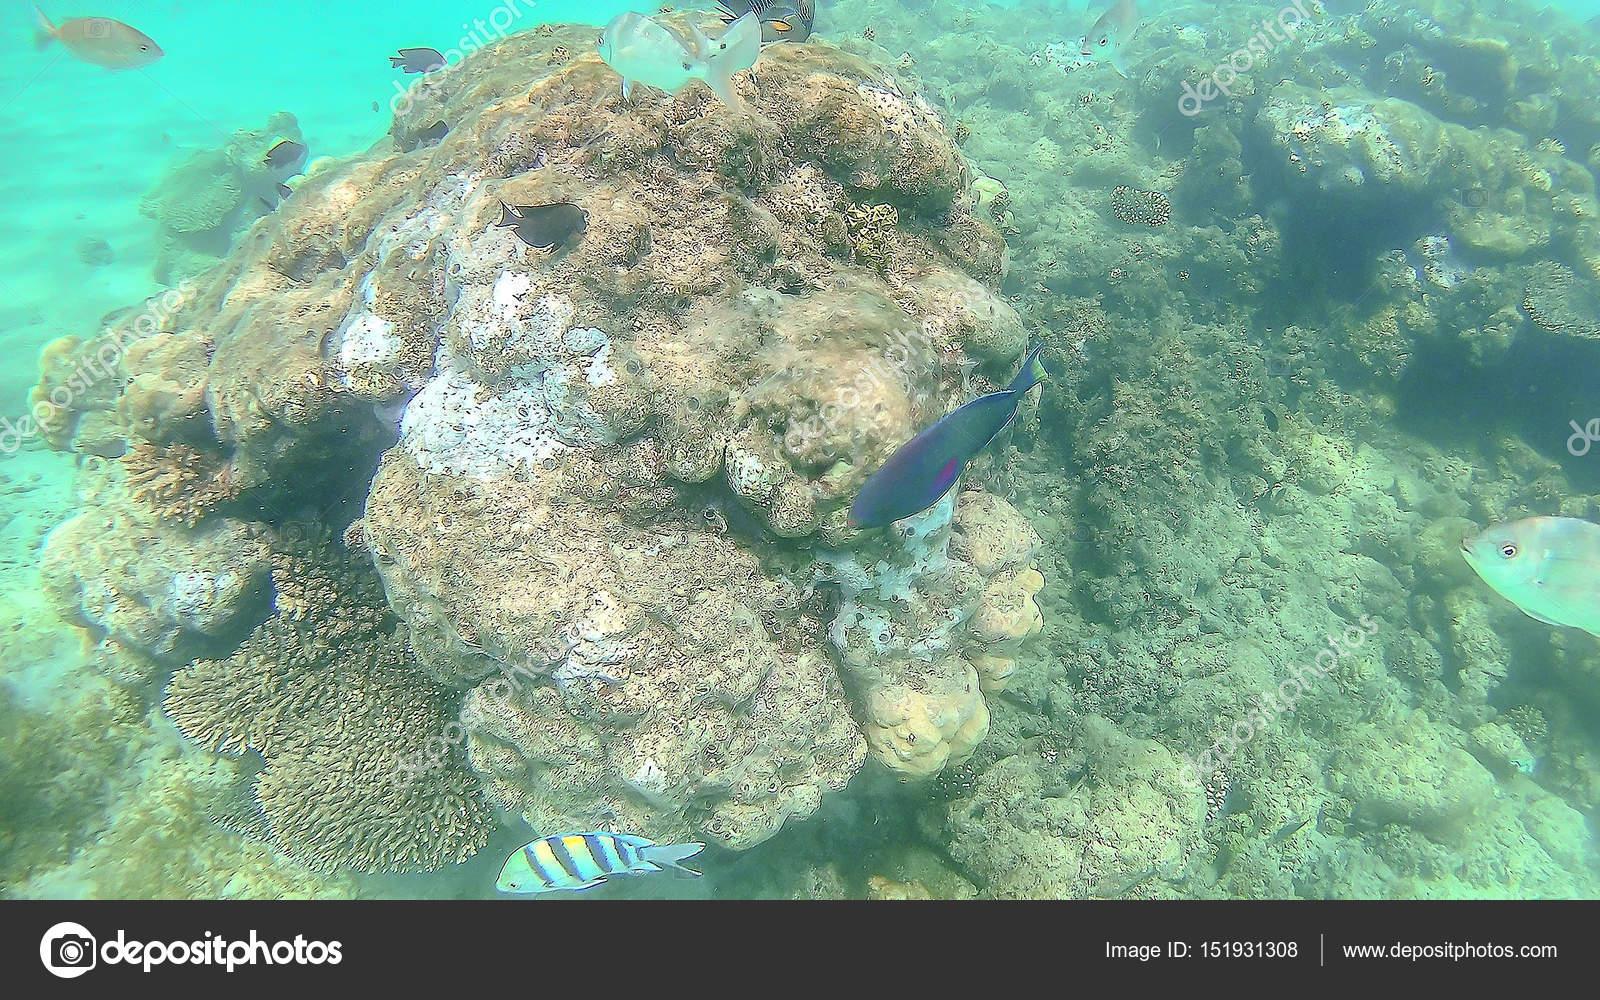 Parrot fish, perch, carp swim around the bright colorful coral r ...